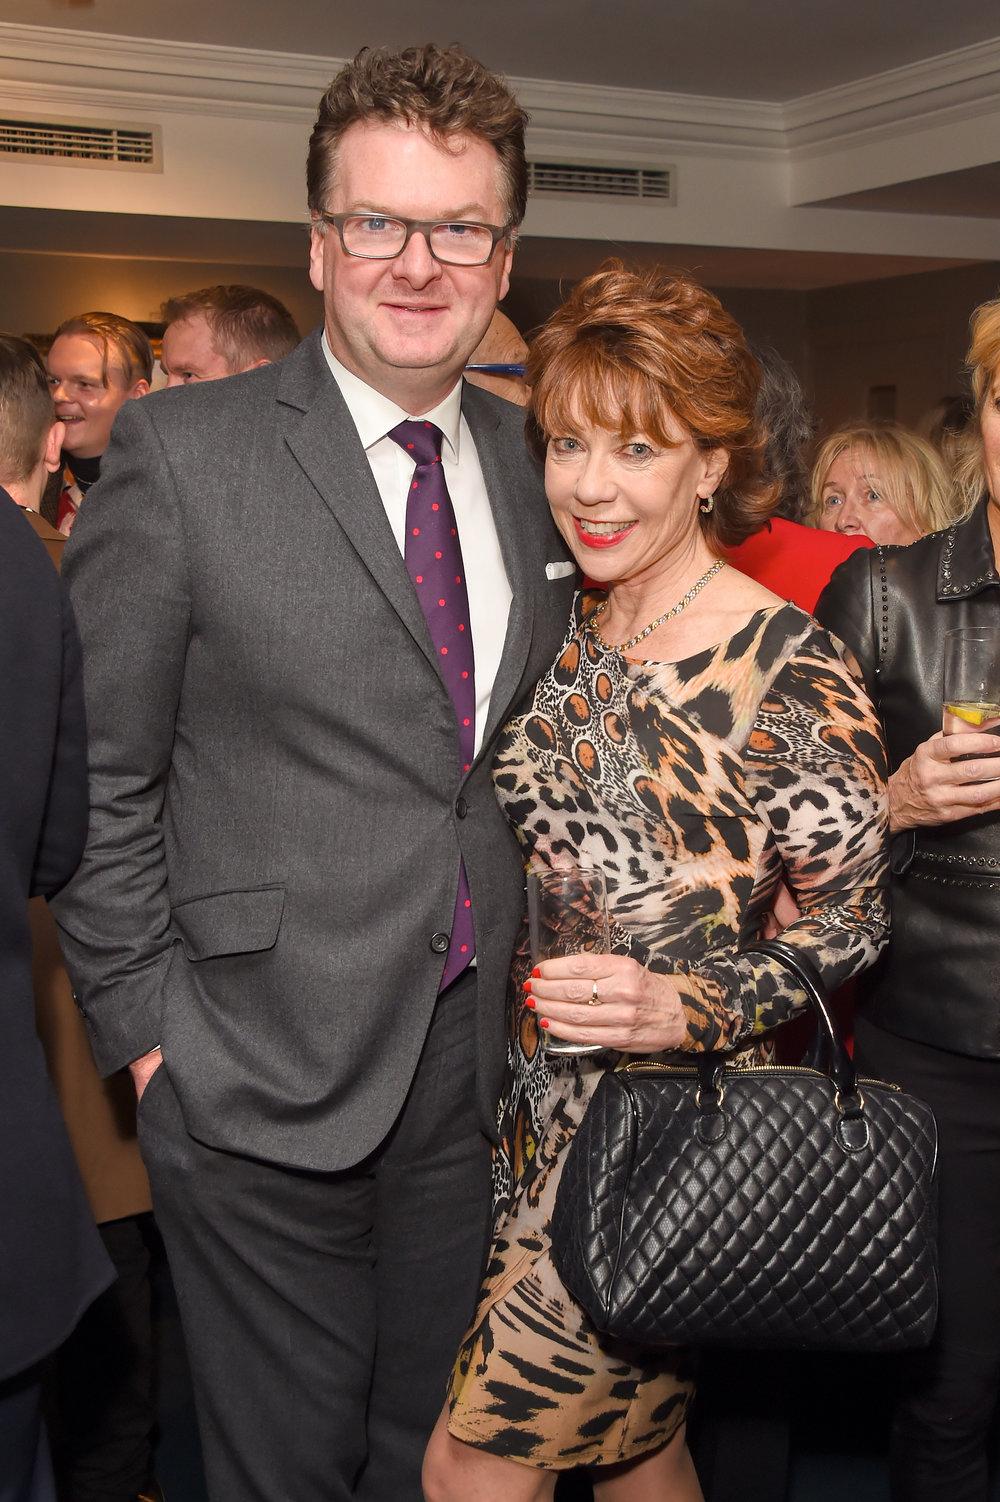 Ewan Venter and Kathy Lette. Courtesy of Dave Benett.